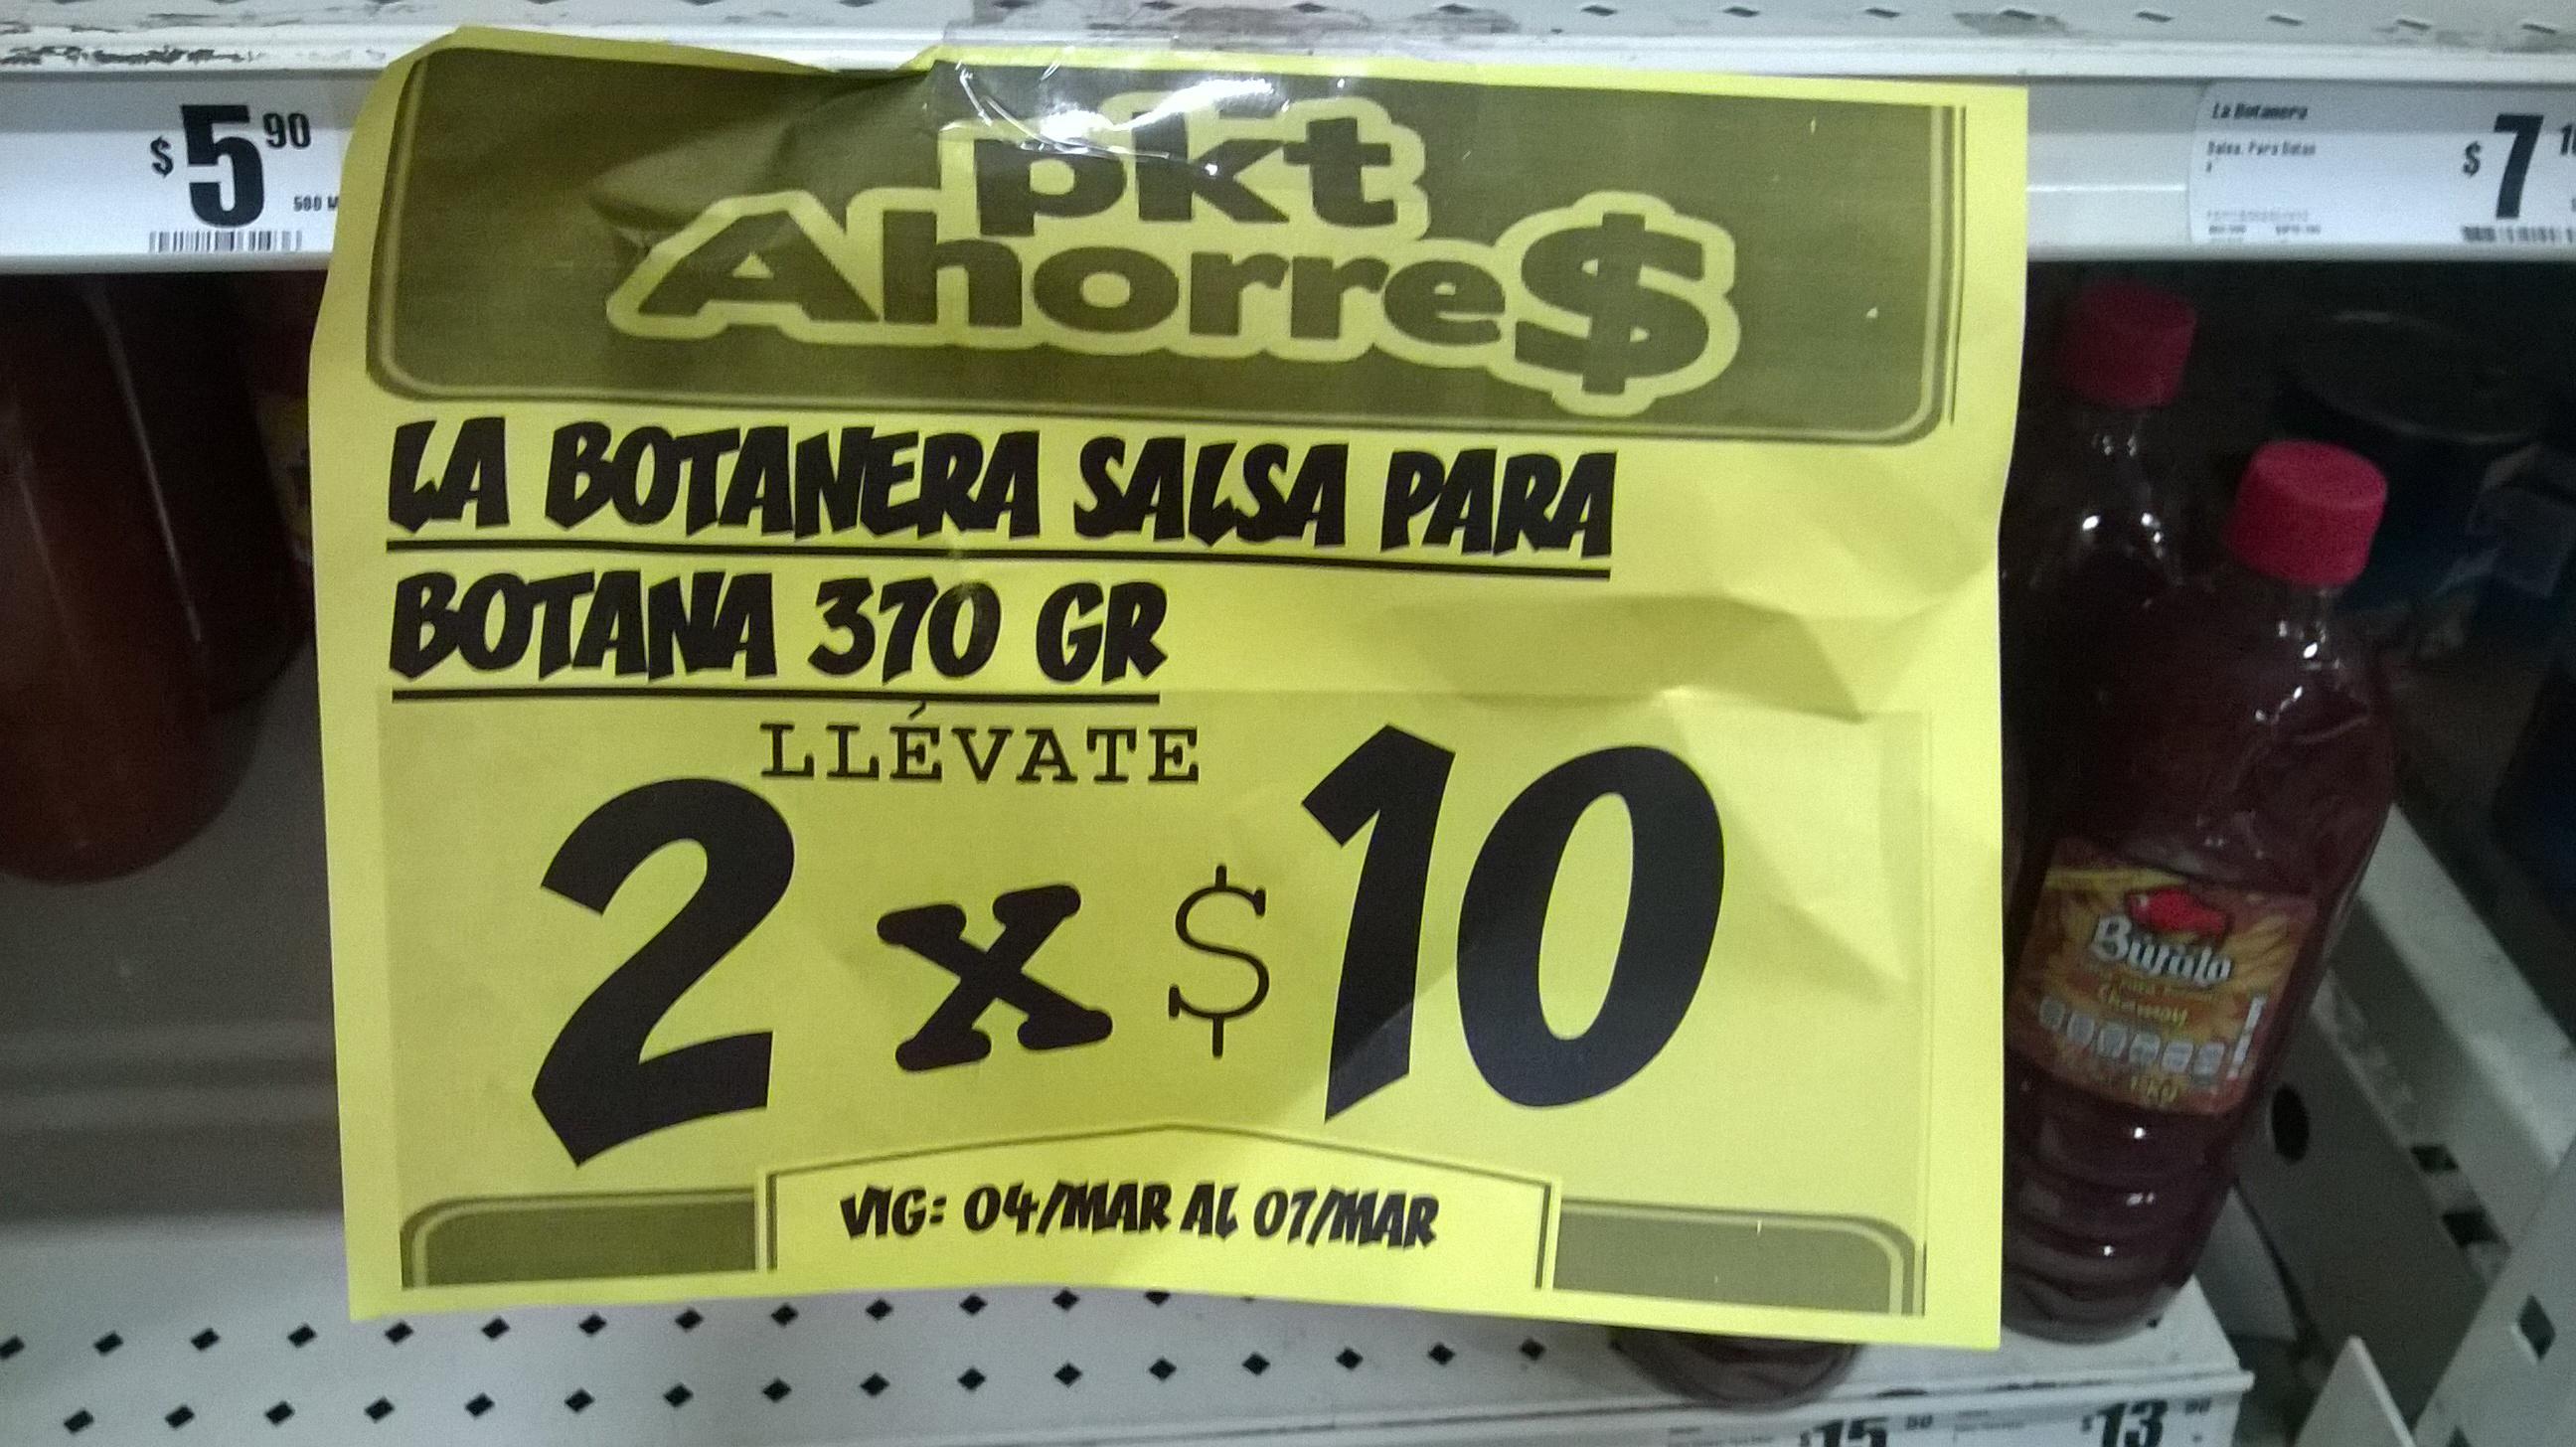 Mi Tienda del Ahorro: Dos salsas botaneras x $10